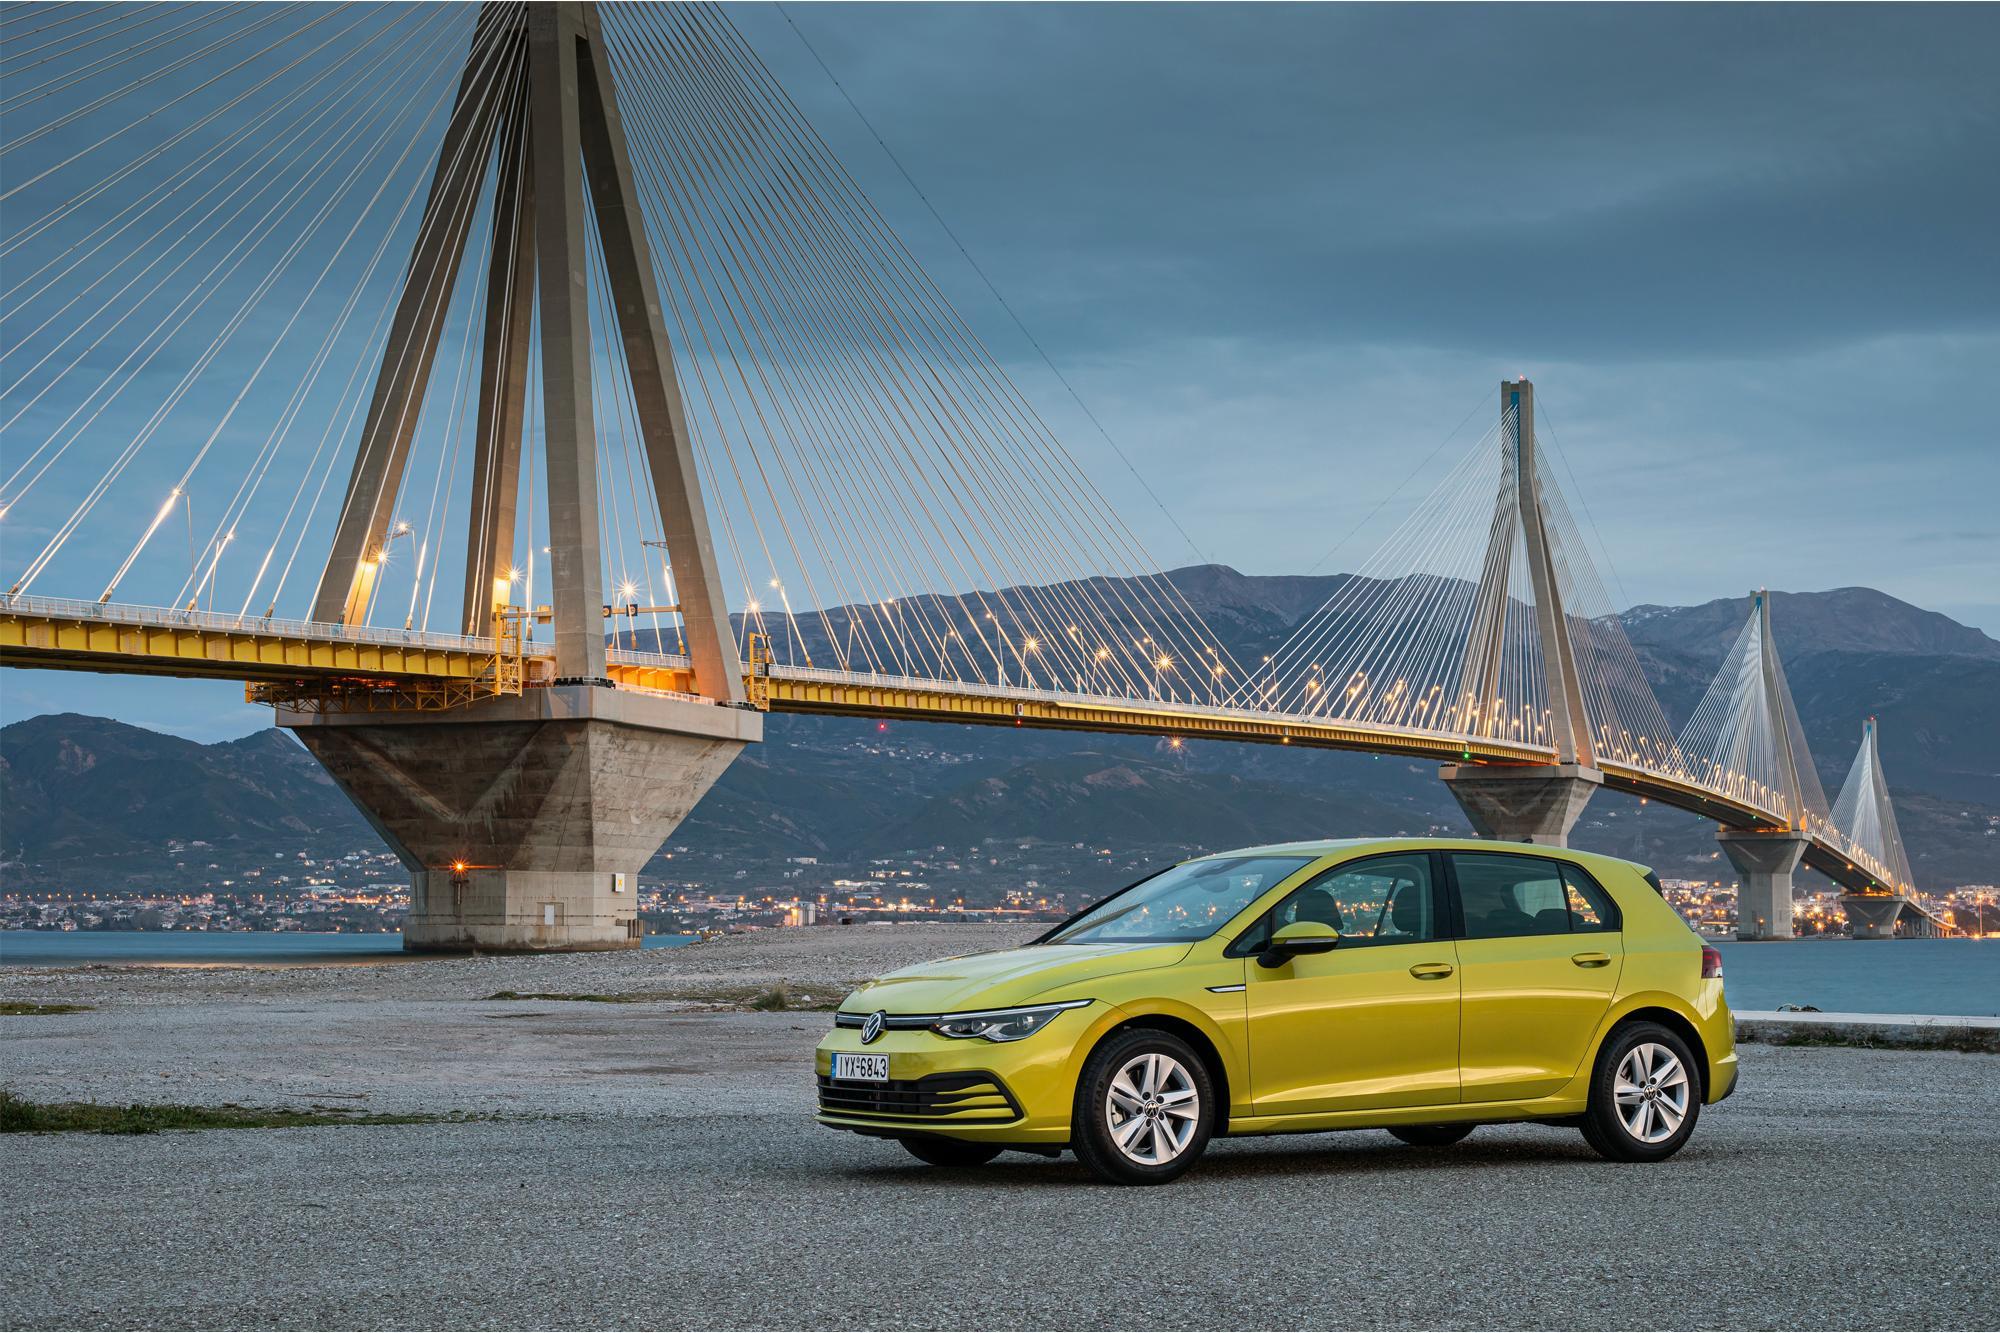 Πρώτη δοκιμή του νέου VW Golf στην Ελλάδα